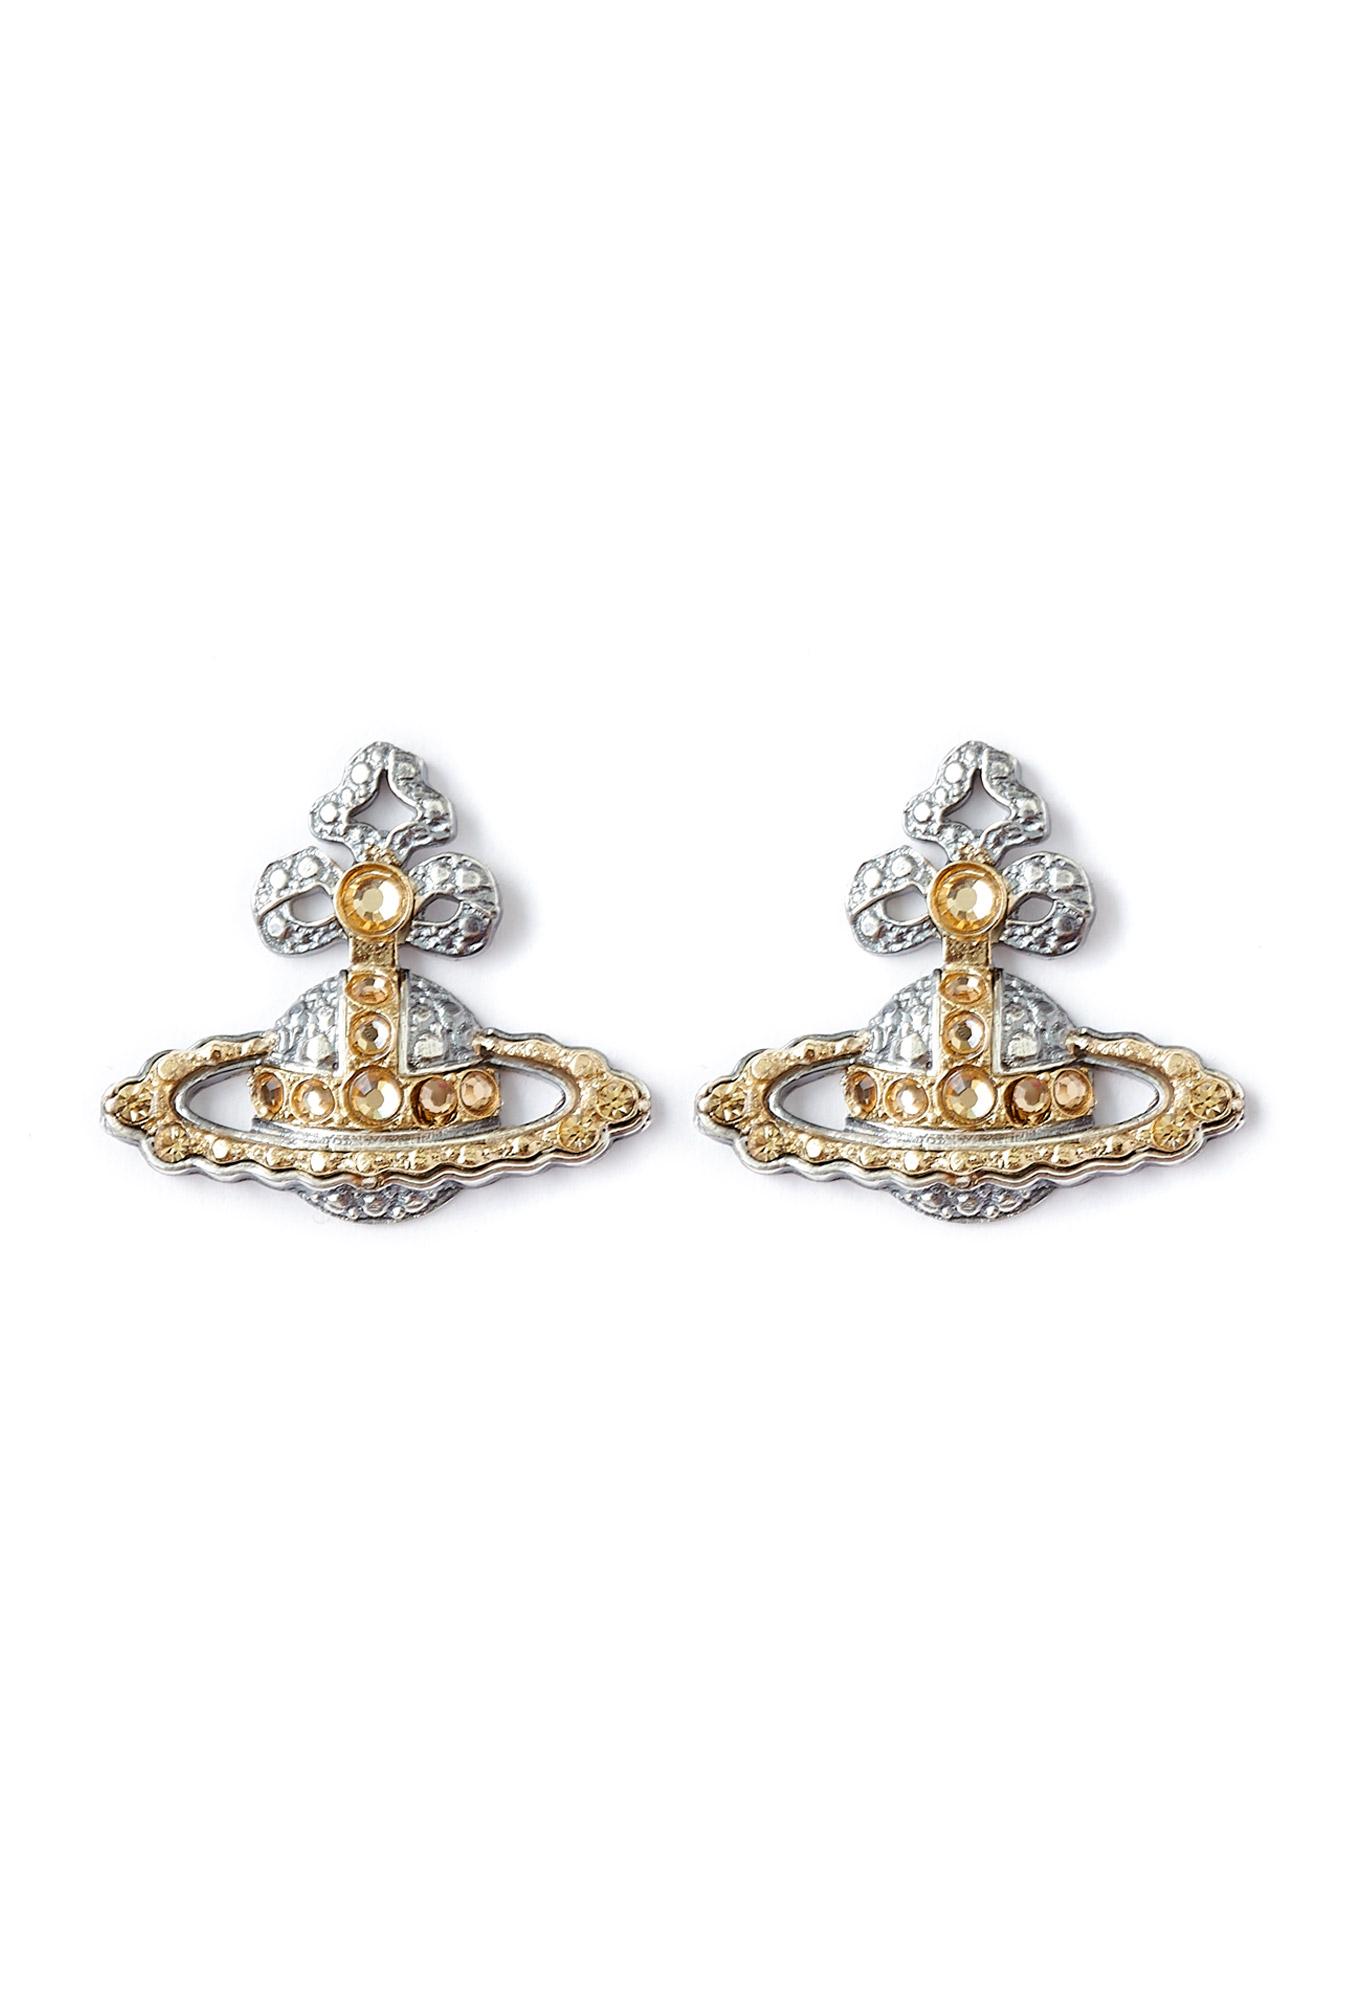 vivienne westwood georgian basrelief stud earrings in gold